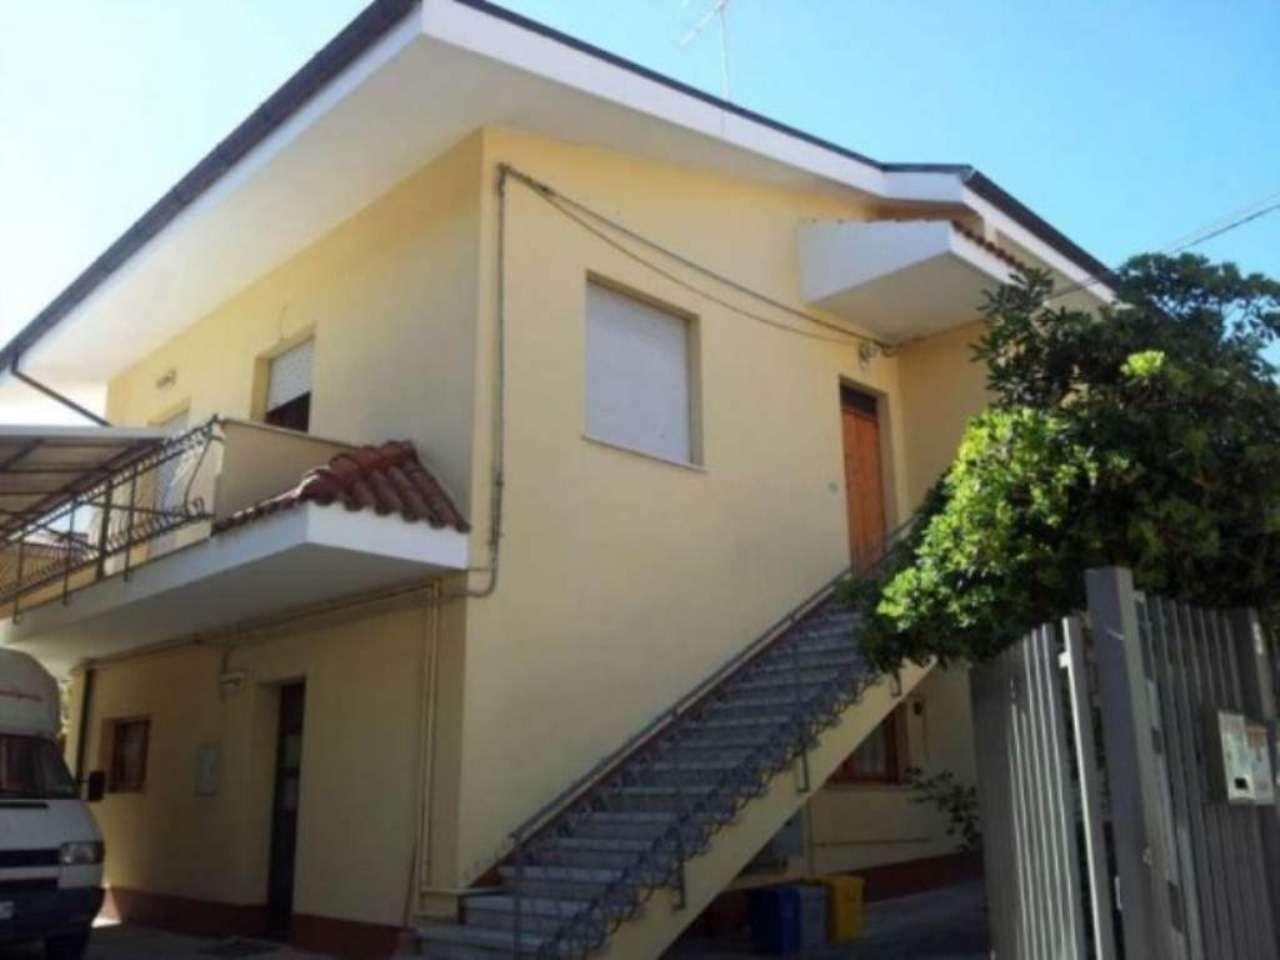 Soluzione Indipendente in vendita a Pescara, 6 locali, prezzo € 400.000 | Cambio Casa.it